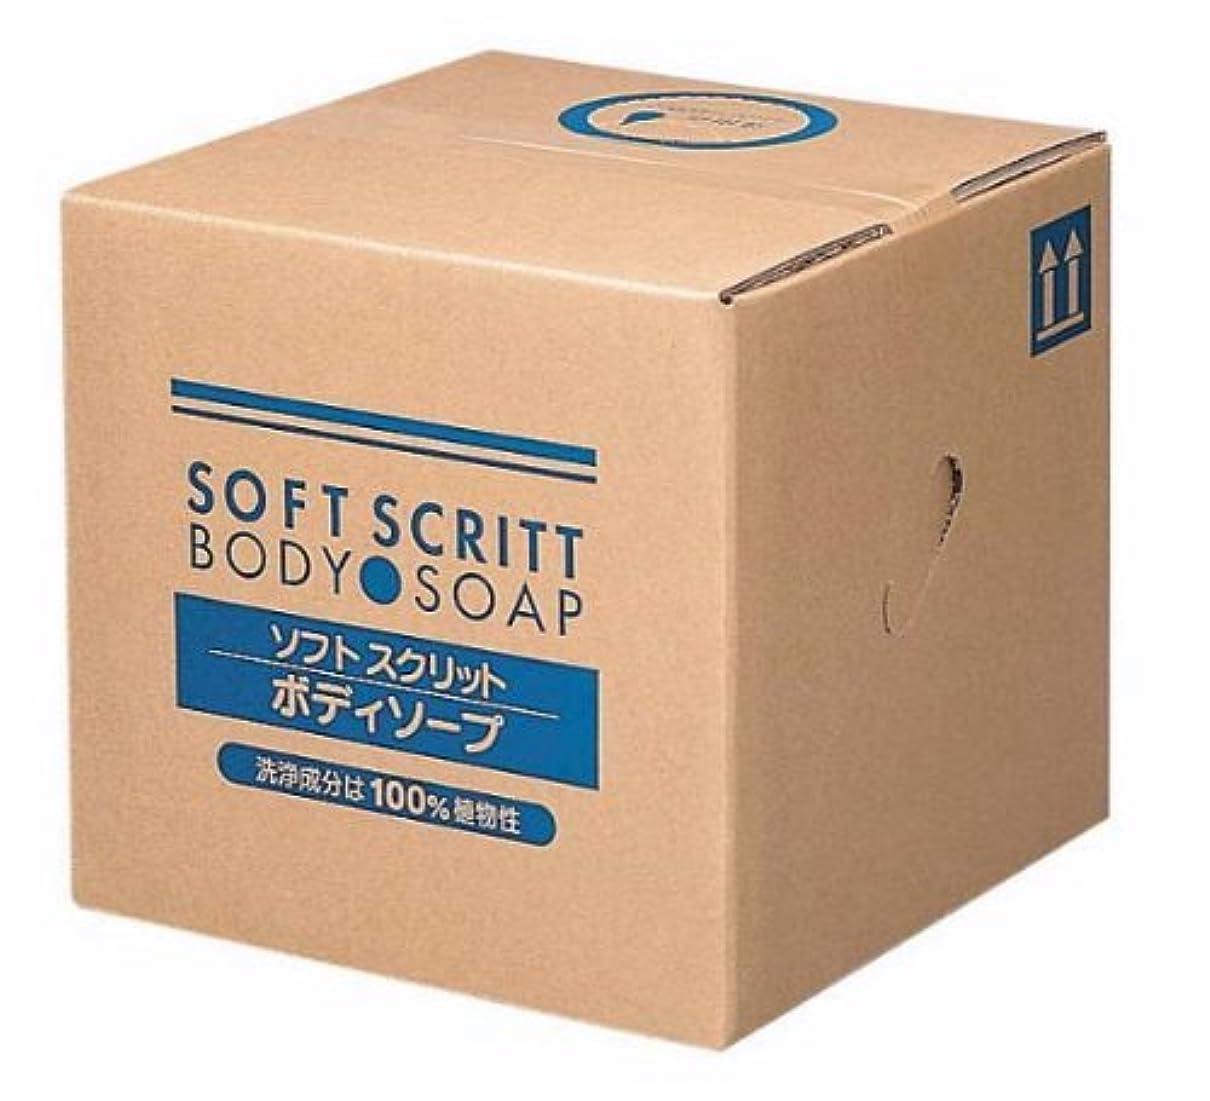 スロットしつけ嵐が丘熊野油脂 業務用 SOFT SCRITT(ソフト スクリット) ボディソープ 18L